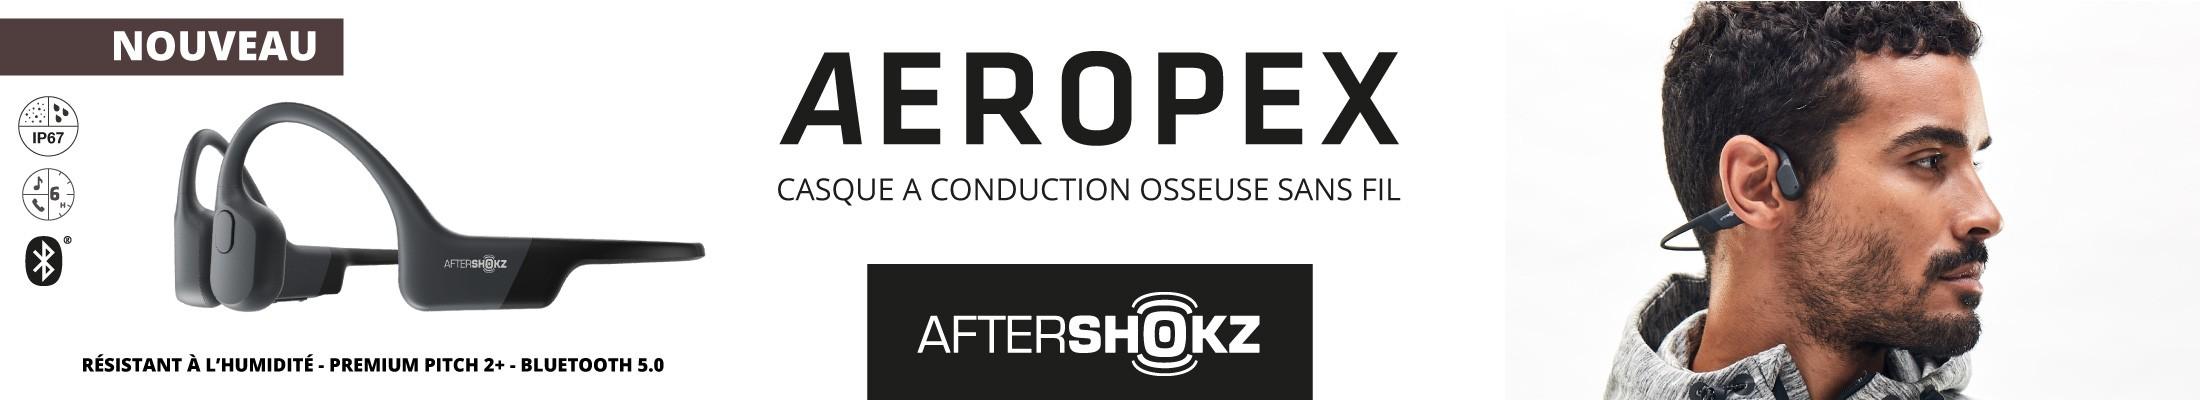 Découvrez le nouveau casque Bluetooth à conduction osseuse AEROPEX de la marque AFTERSHOKZ